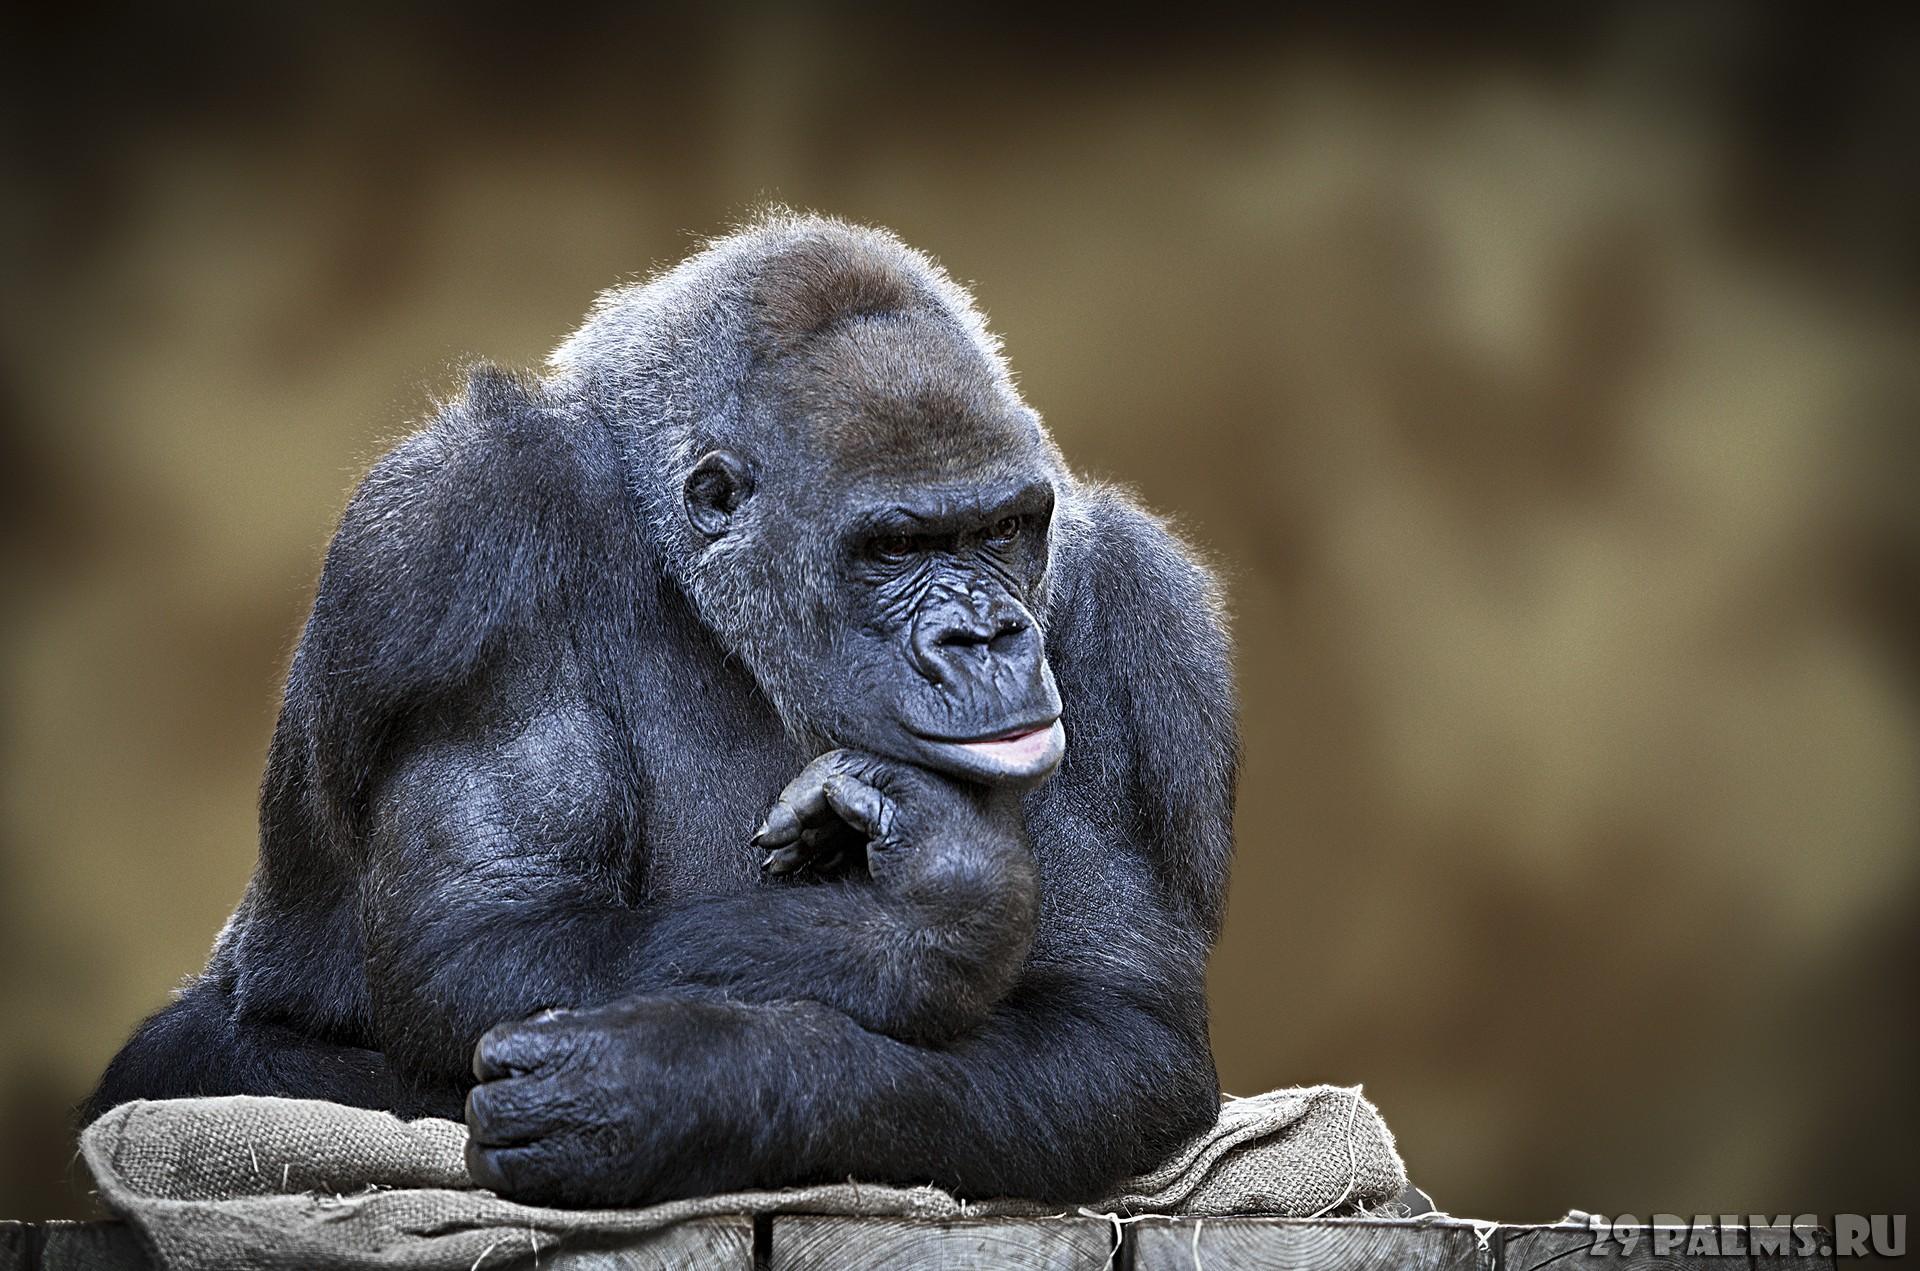 Картинки по запросу обезьяна хлопает